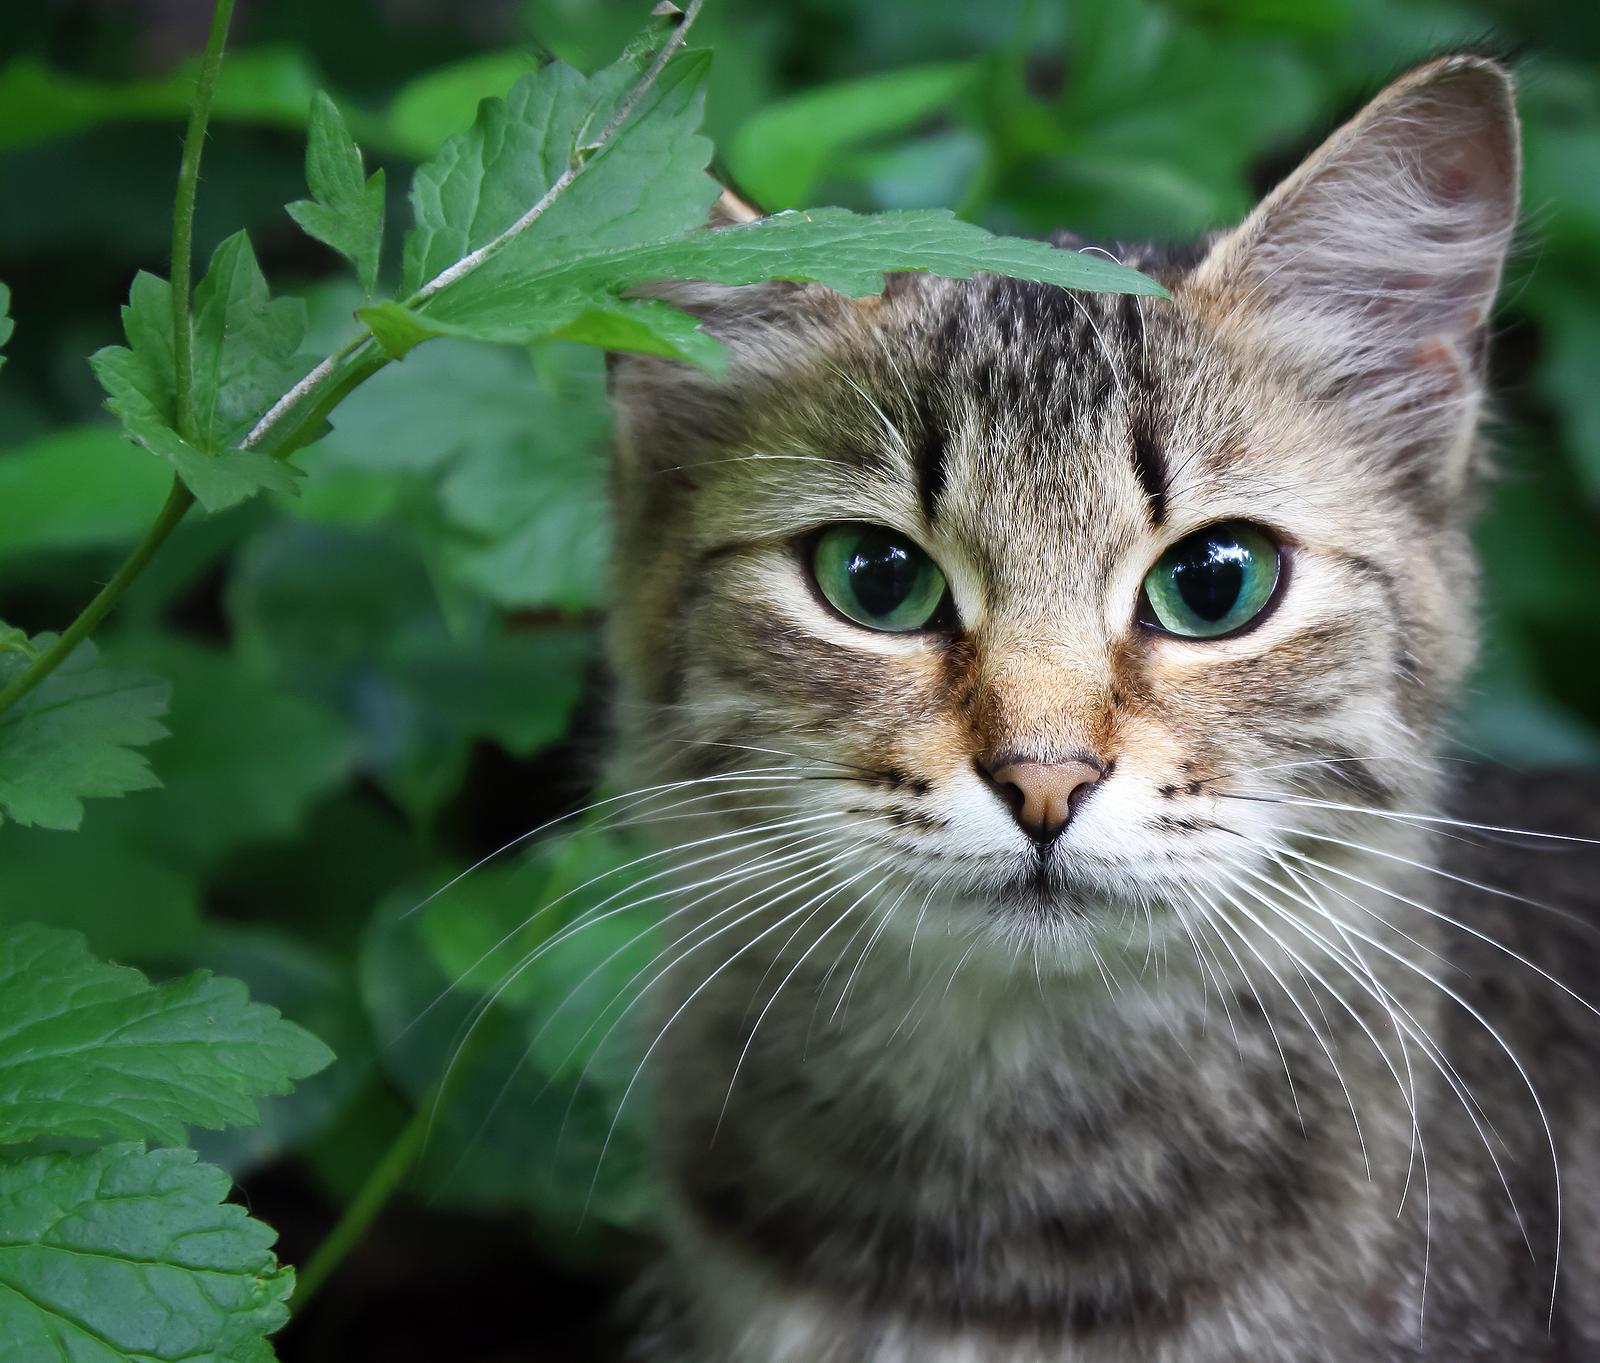 Cat In A Grass